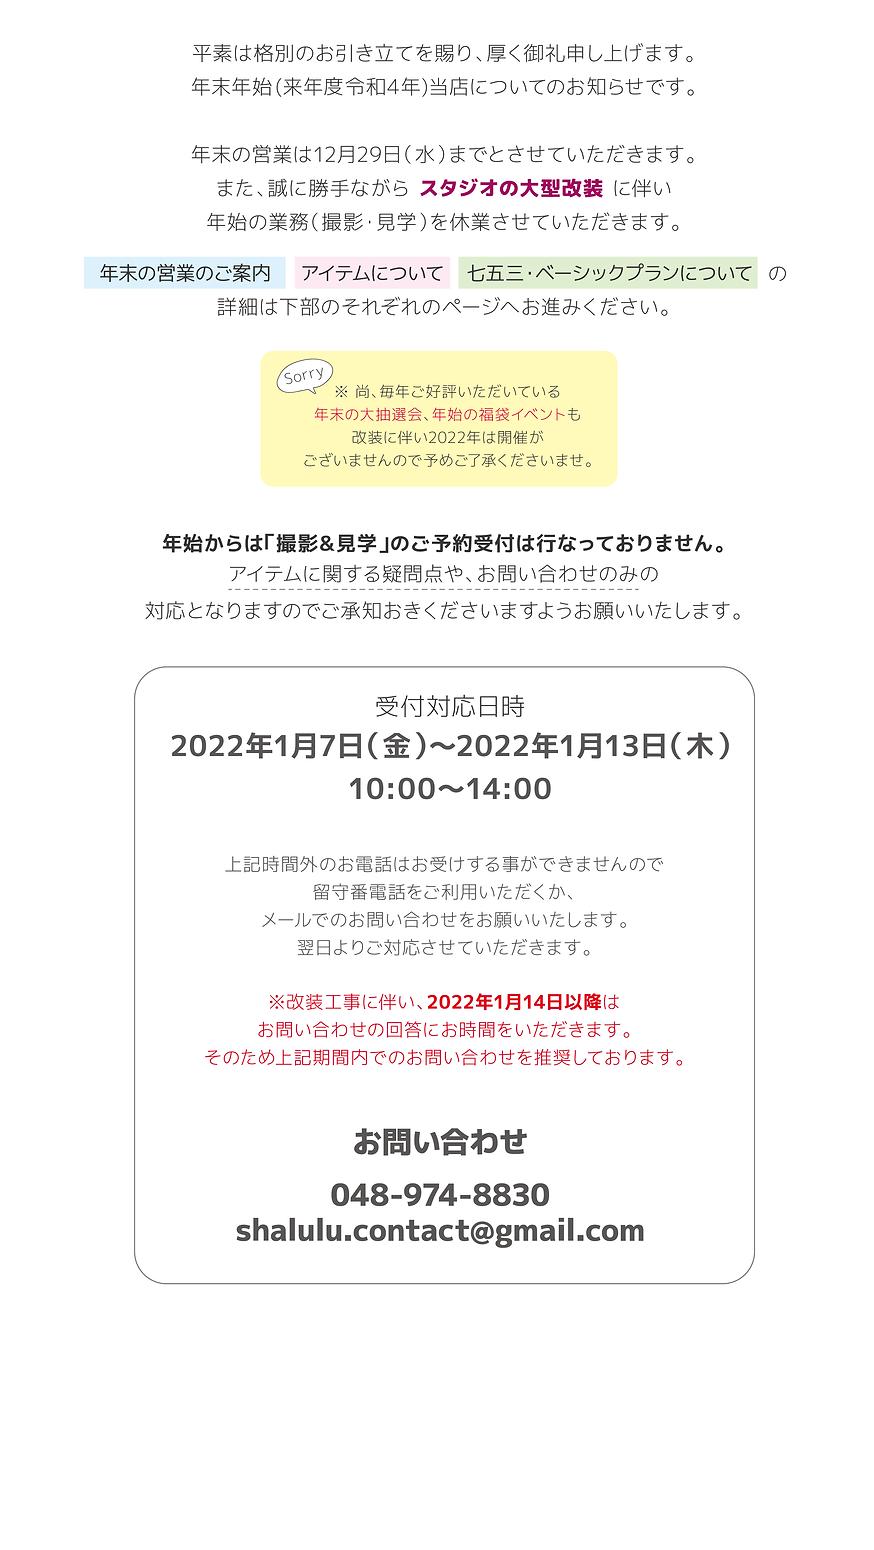 202109_nenmatsu_753_1.png